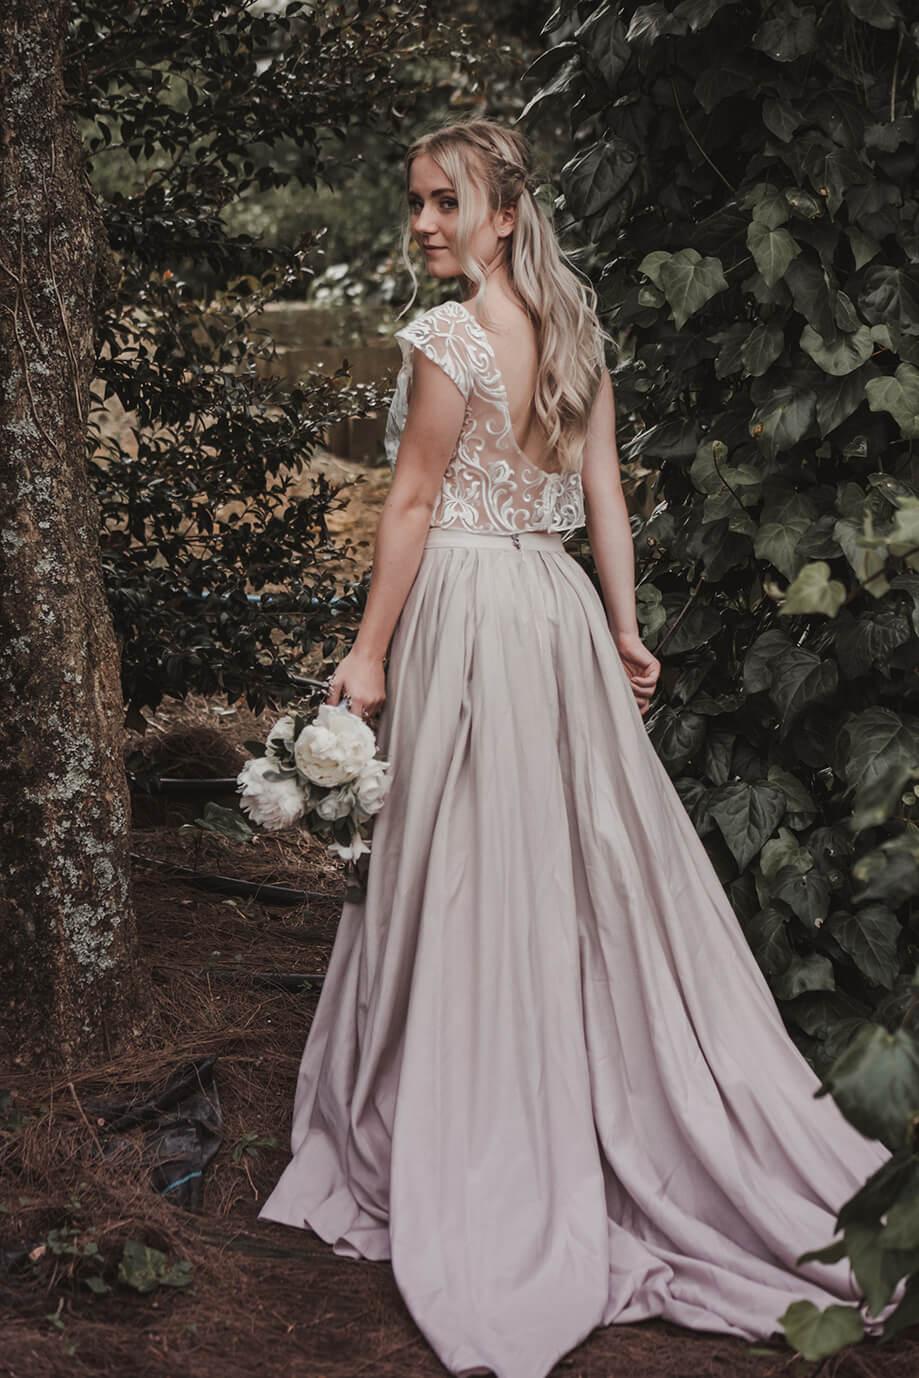 elizabeth may bridal 11 - Bridal Session 11.jpg.jpg